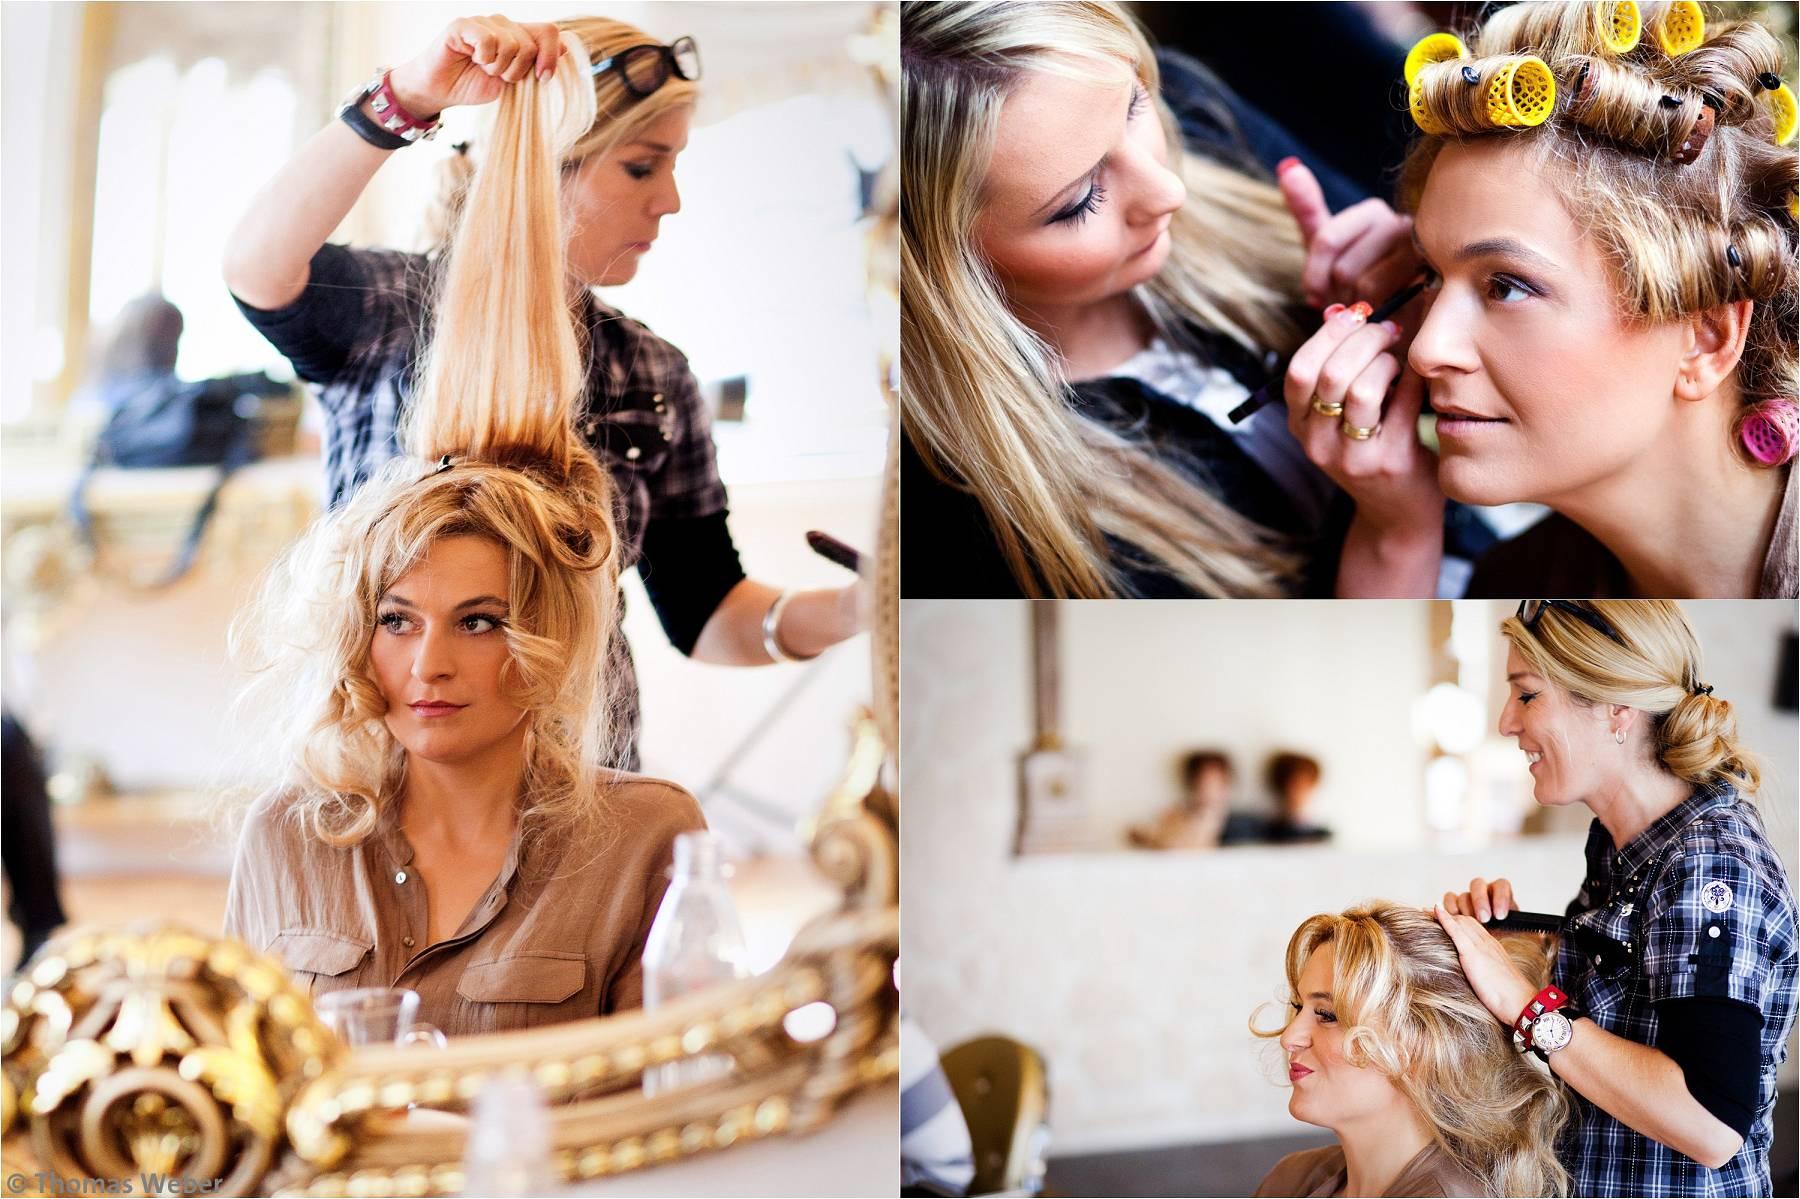 Hochzeitsfotograf Bremen: Türkische Hochzeit auf dem Lür Kropp Hof und Hochzeitsfeier im Maritim Hotel Bremen (2)